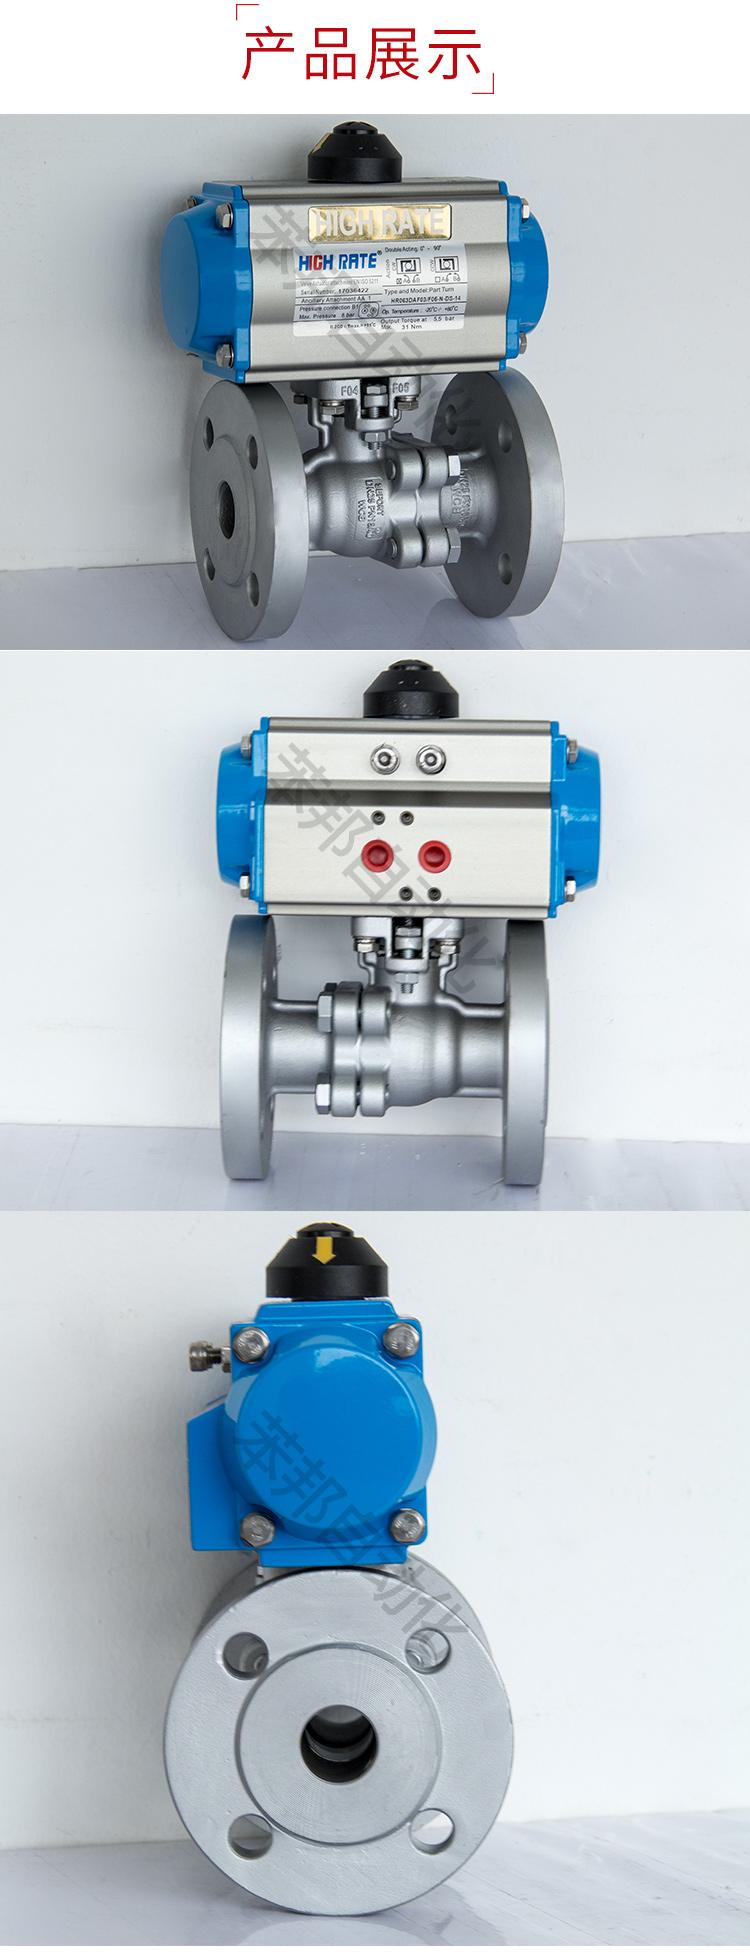 HIGHRATE气动法兰球阀/碳钢球阀